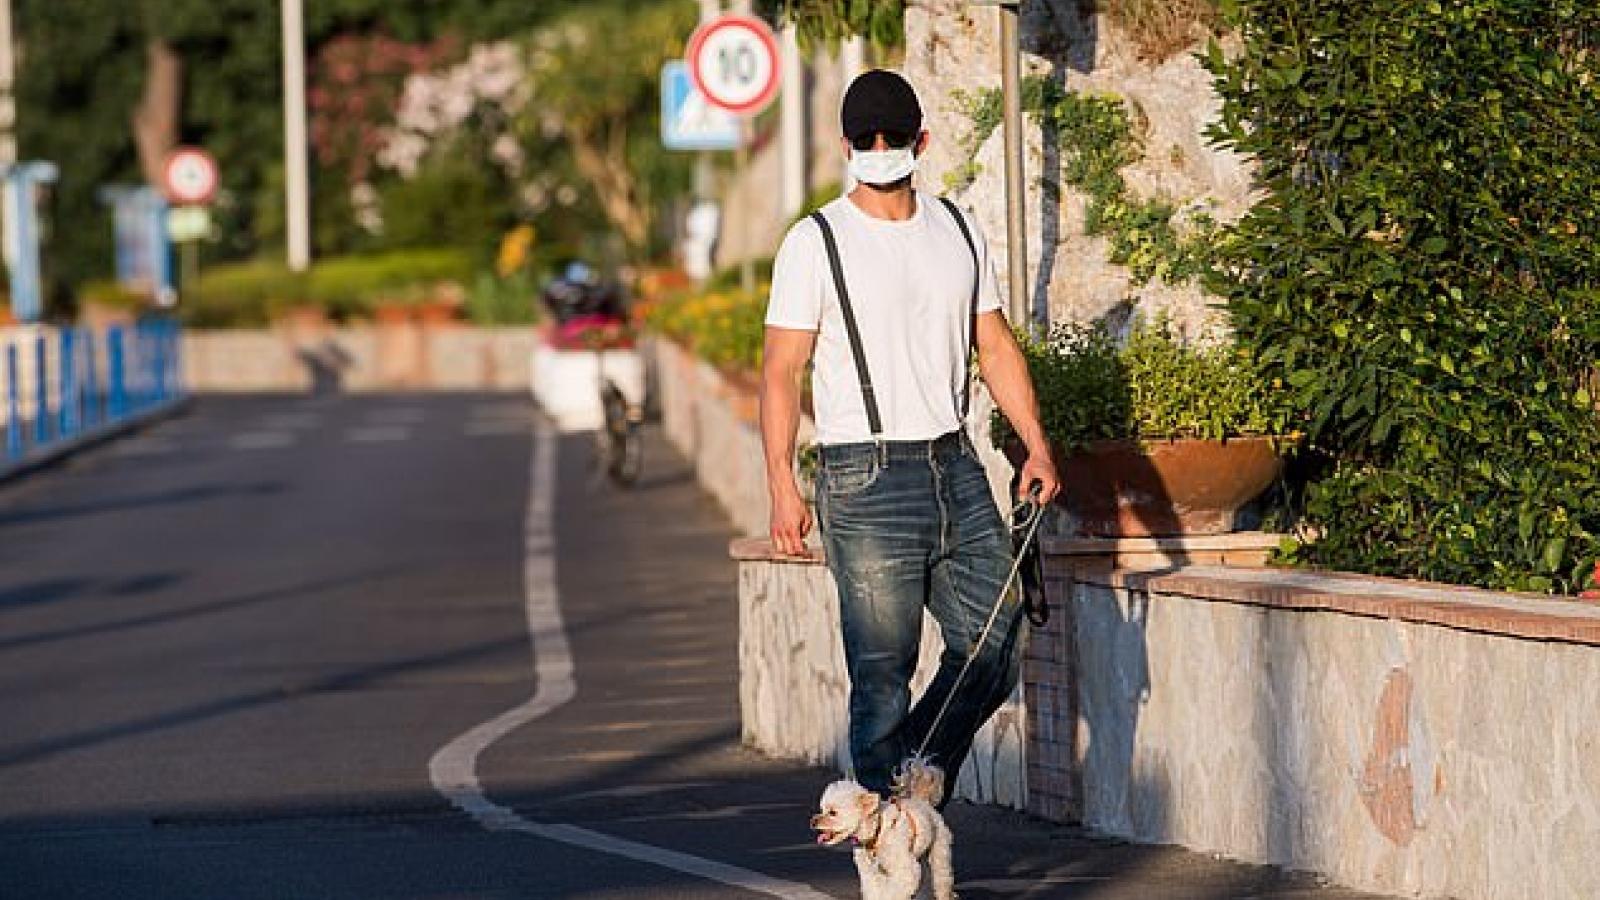 Orlando Bloom phong độ dẫn thú cưng đi dạo phố ở Ý